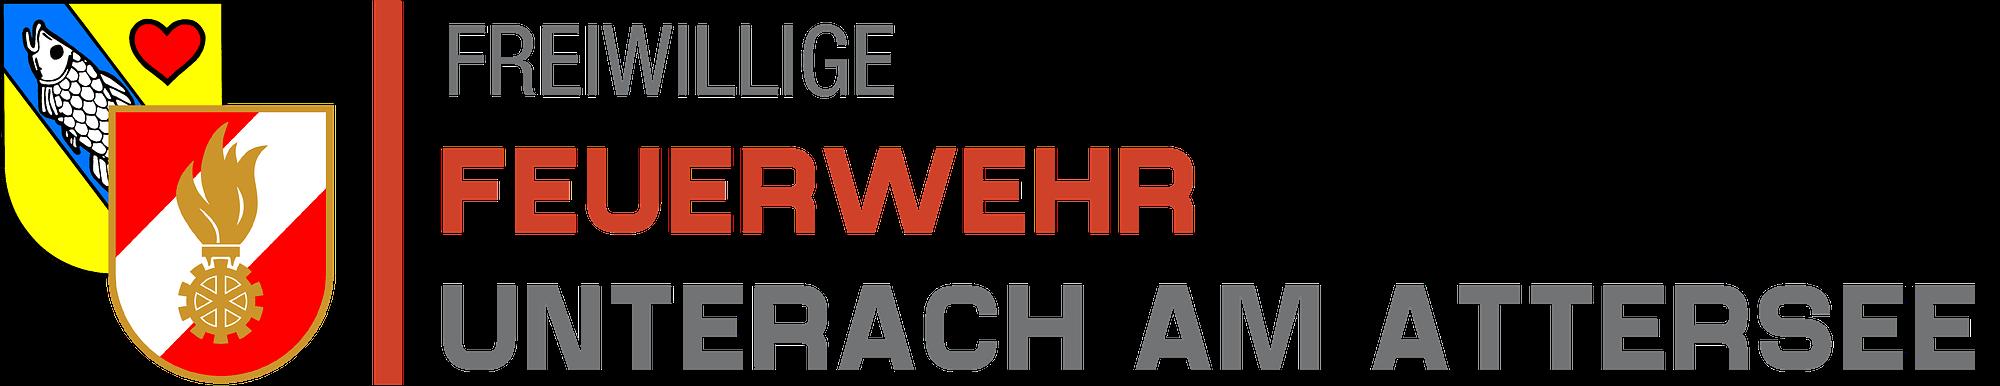 Freiwillige Feuerwehr Unterach am Attersee